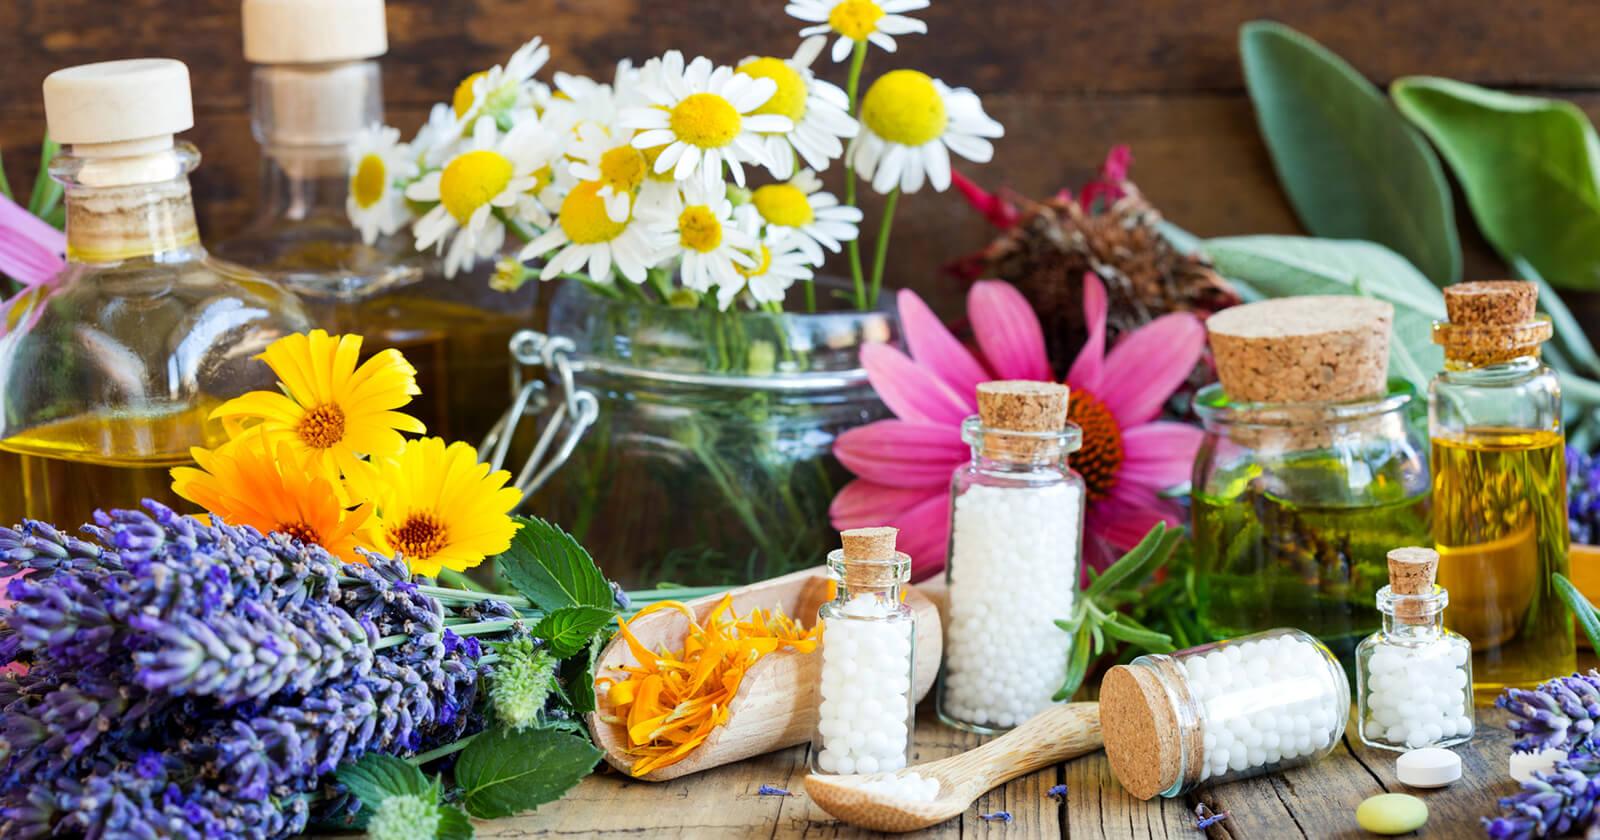 Homöopathie kann gegen Hämorrhoiden helfen